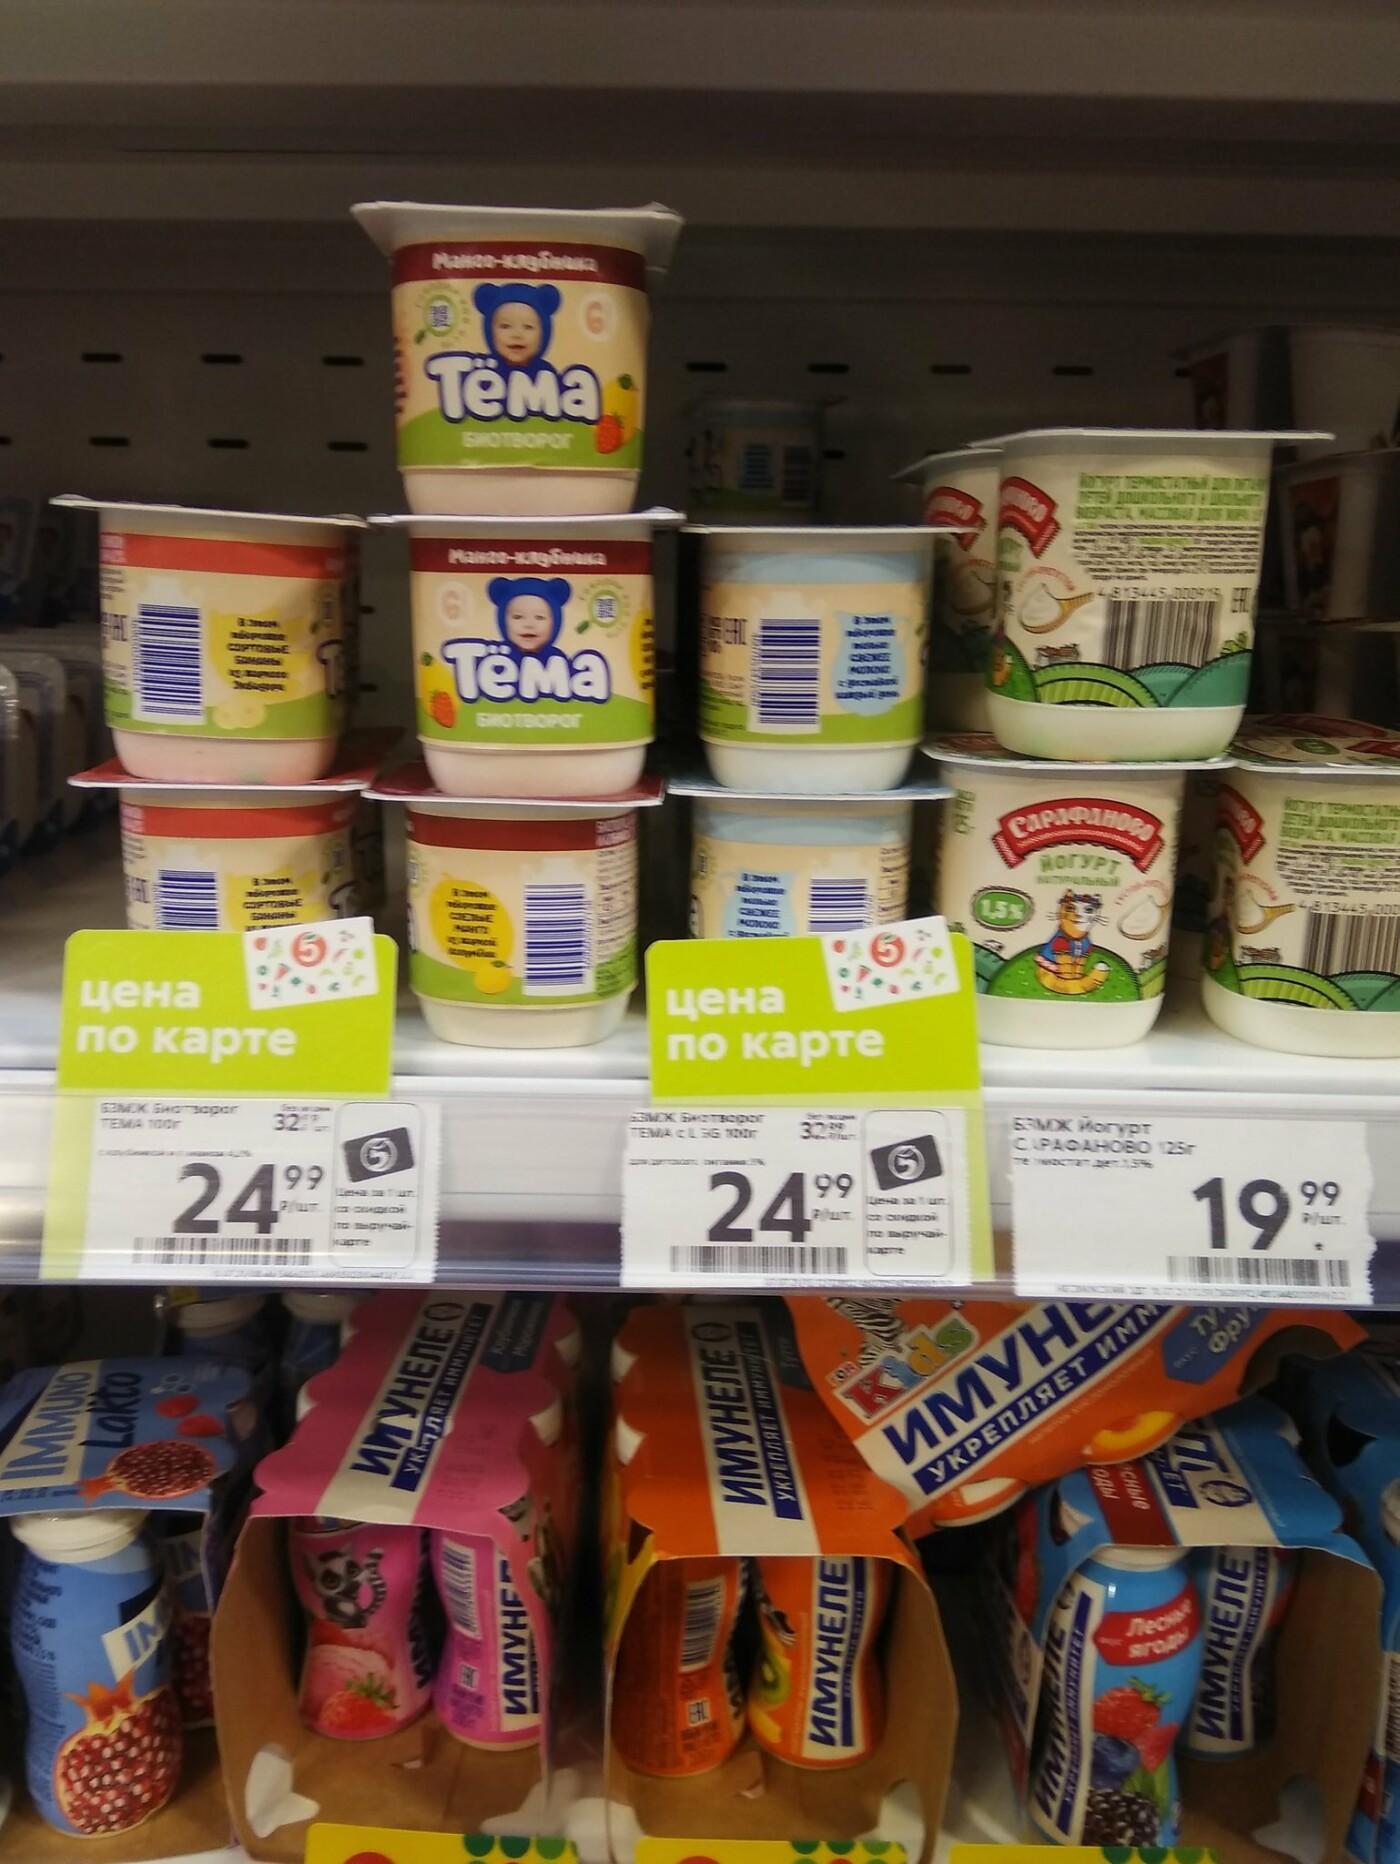 Цены в 2 раза выше московских: в Донецке жалуются на дороговизну продуктов, - ФОТО, фото-1